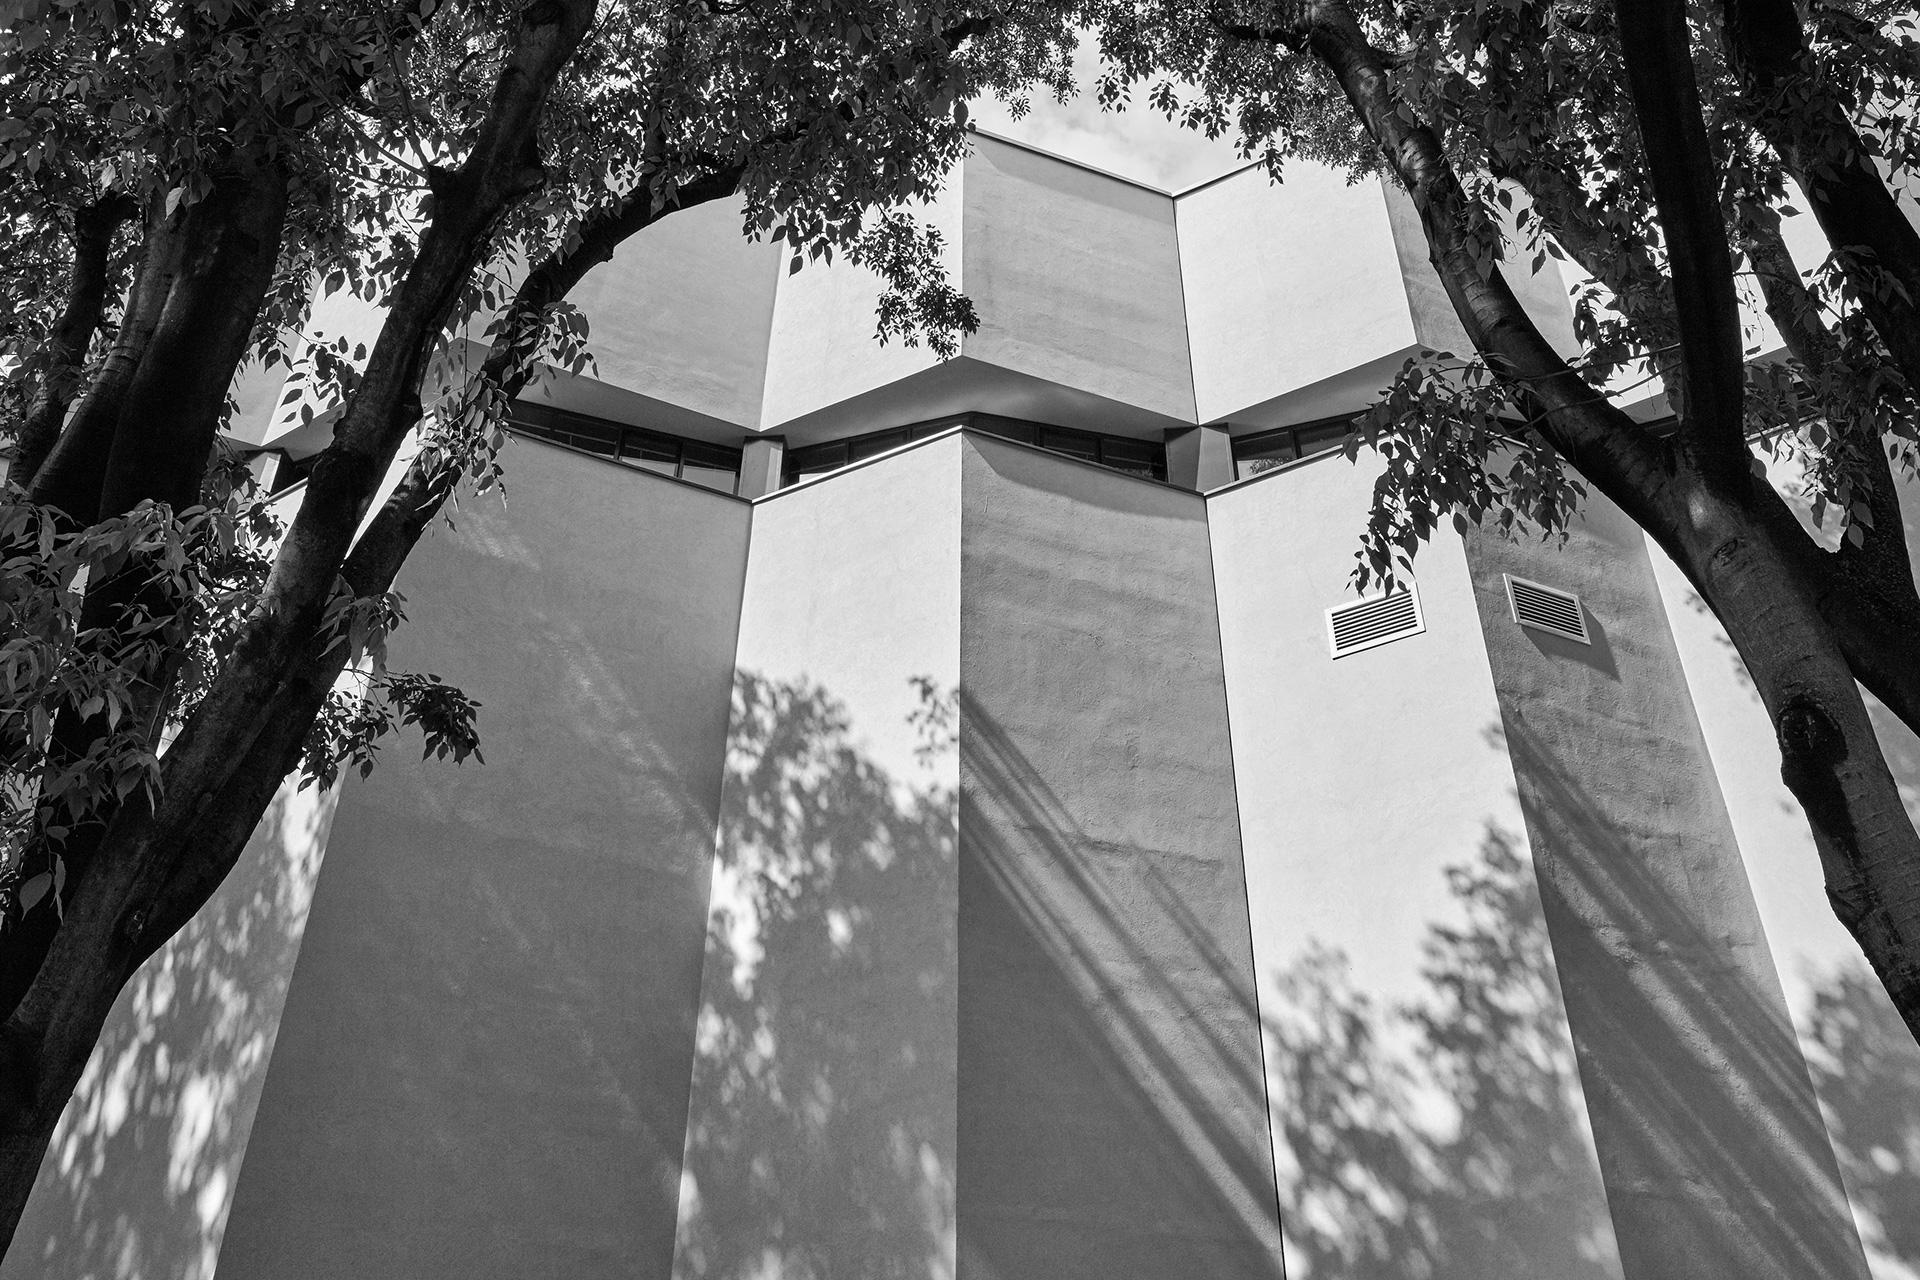 Armani/Silos Exhibition Space - Milan